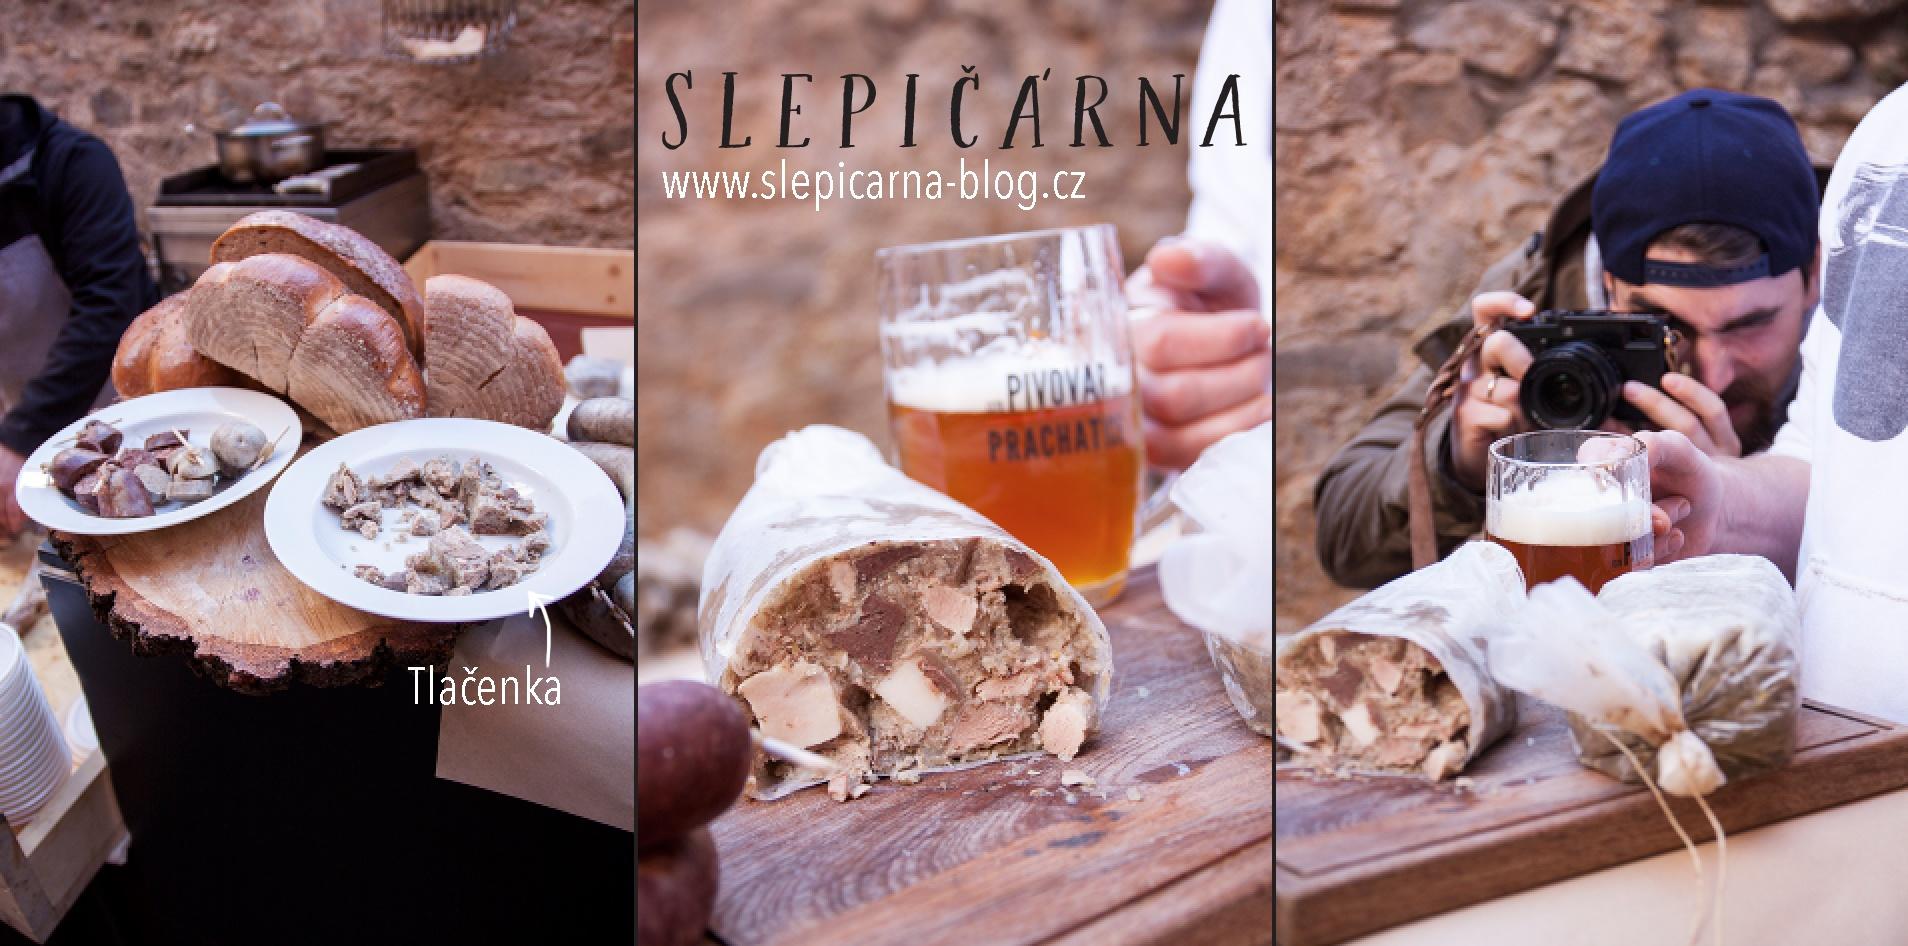 Slepicarnablog-zabijacka-prachatice-pivovar-pivo-tlacenka